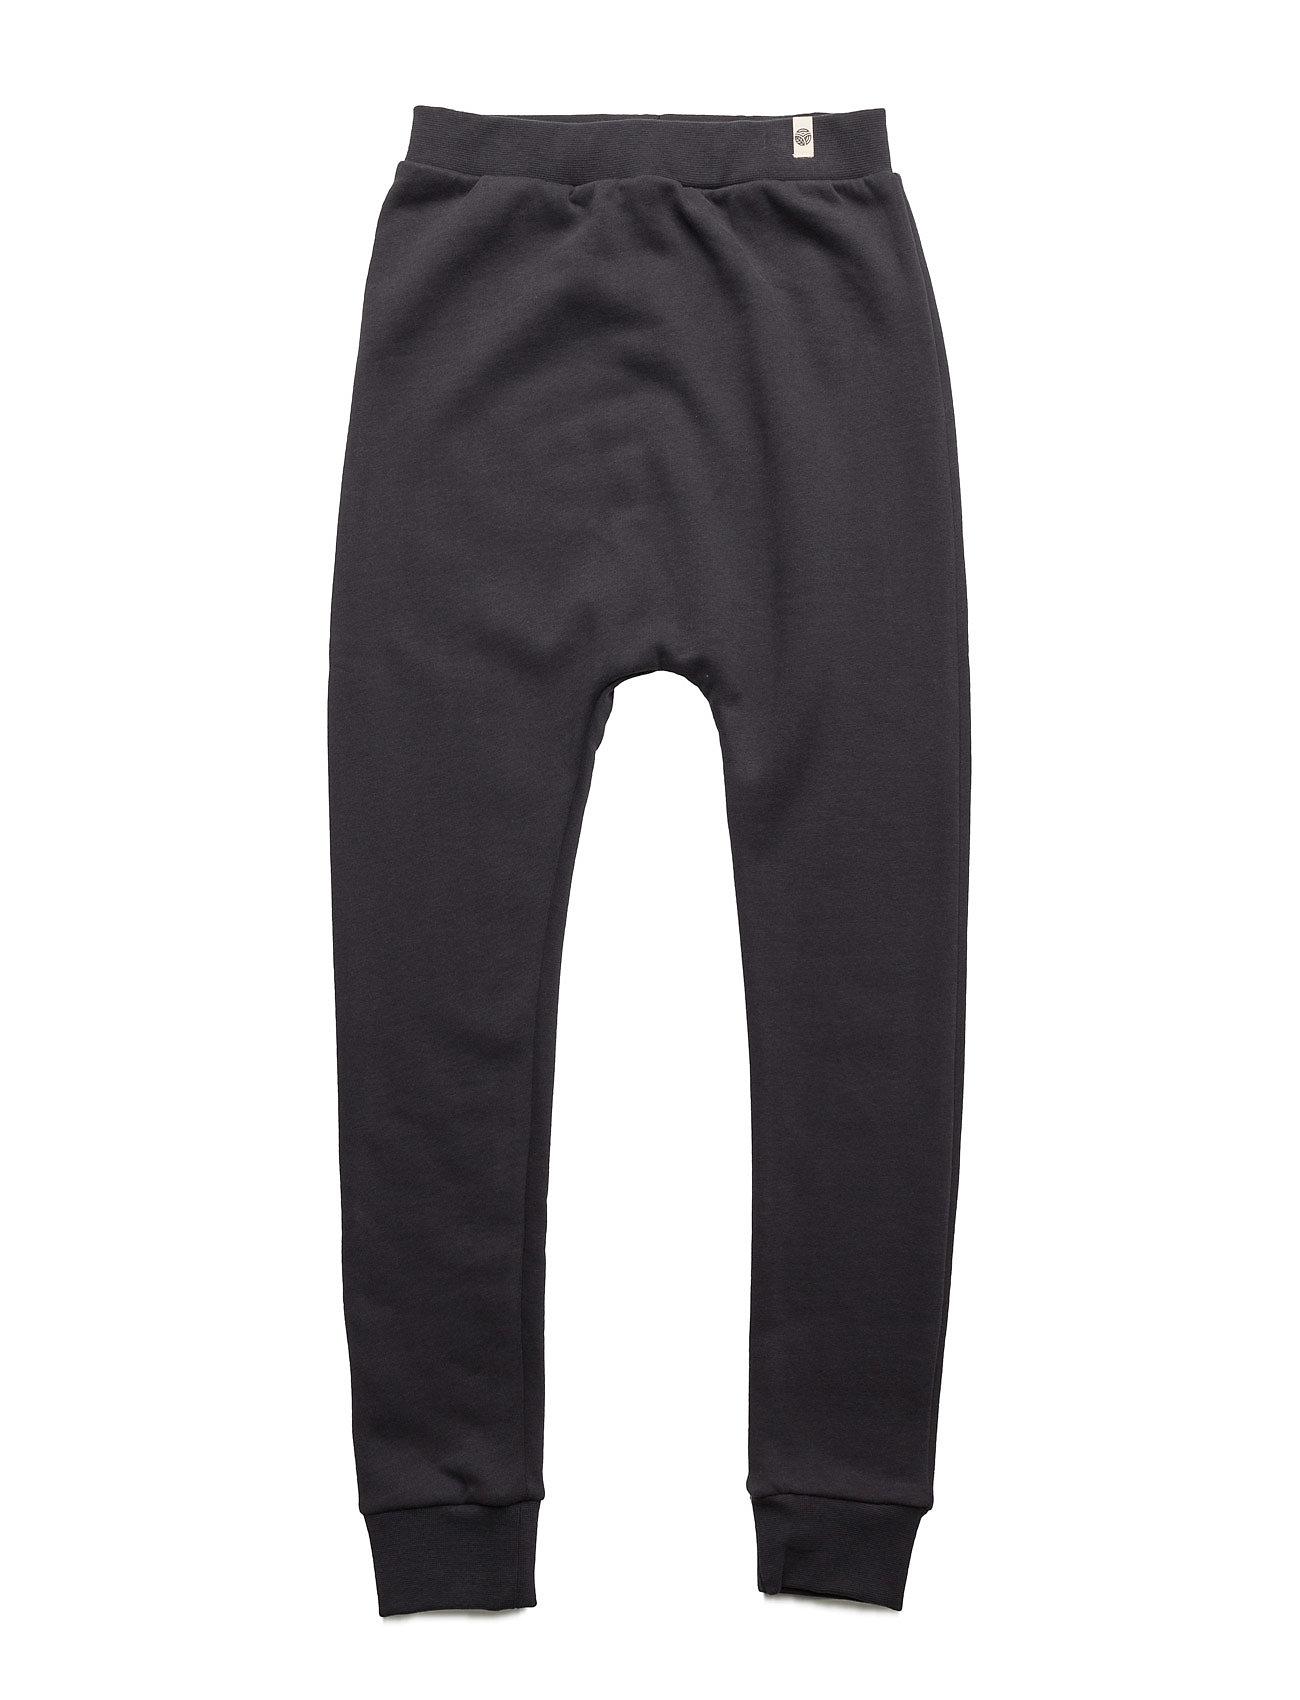 Image of Baggy Leggings Vintage Black (2722135099)